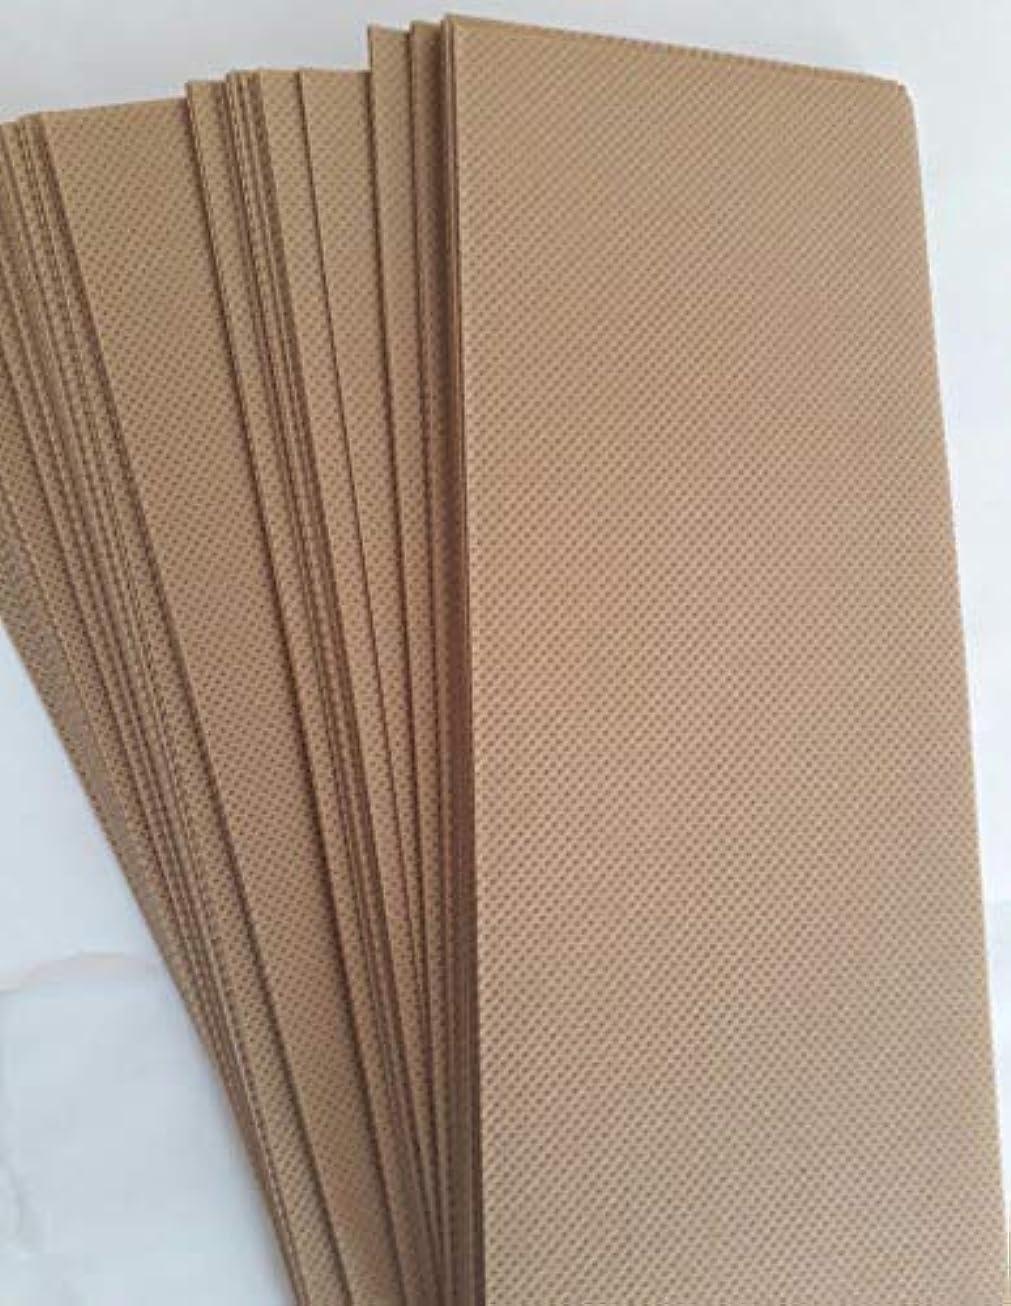 ロッカークリスマス繁殖90 Wax Strips pieces Disposable Hair Removal Professional Wax Strip Epilator Paper Waxing Kits ワックスストリップ作品使い捨て...